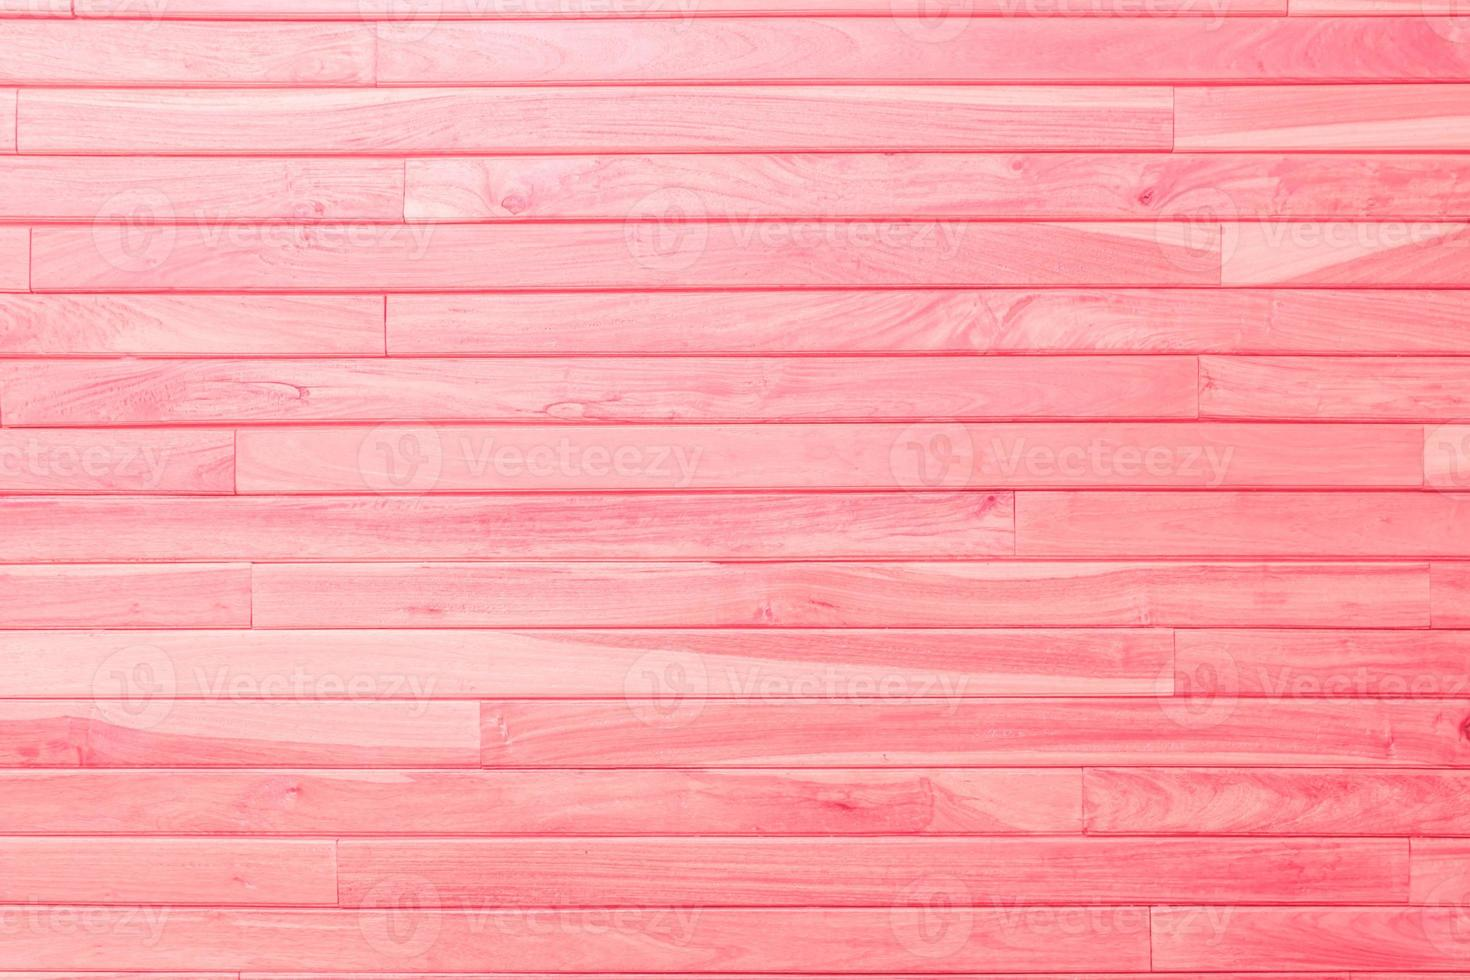 houten plank rode textuur achtergrond foto